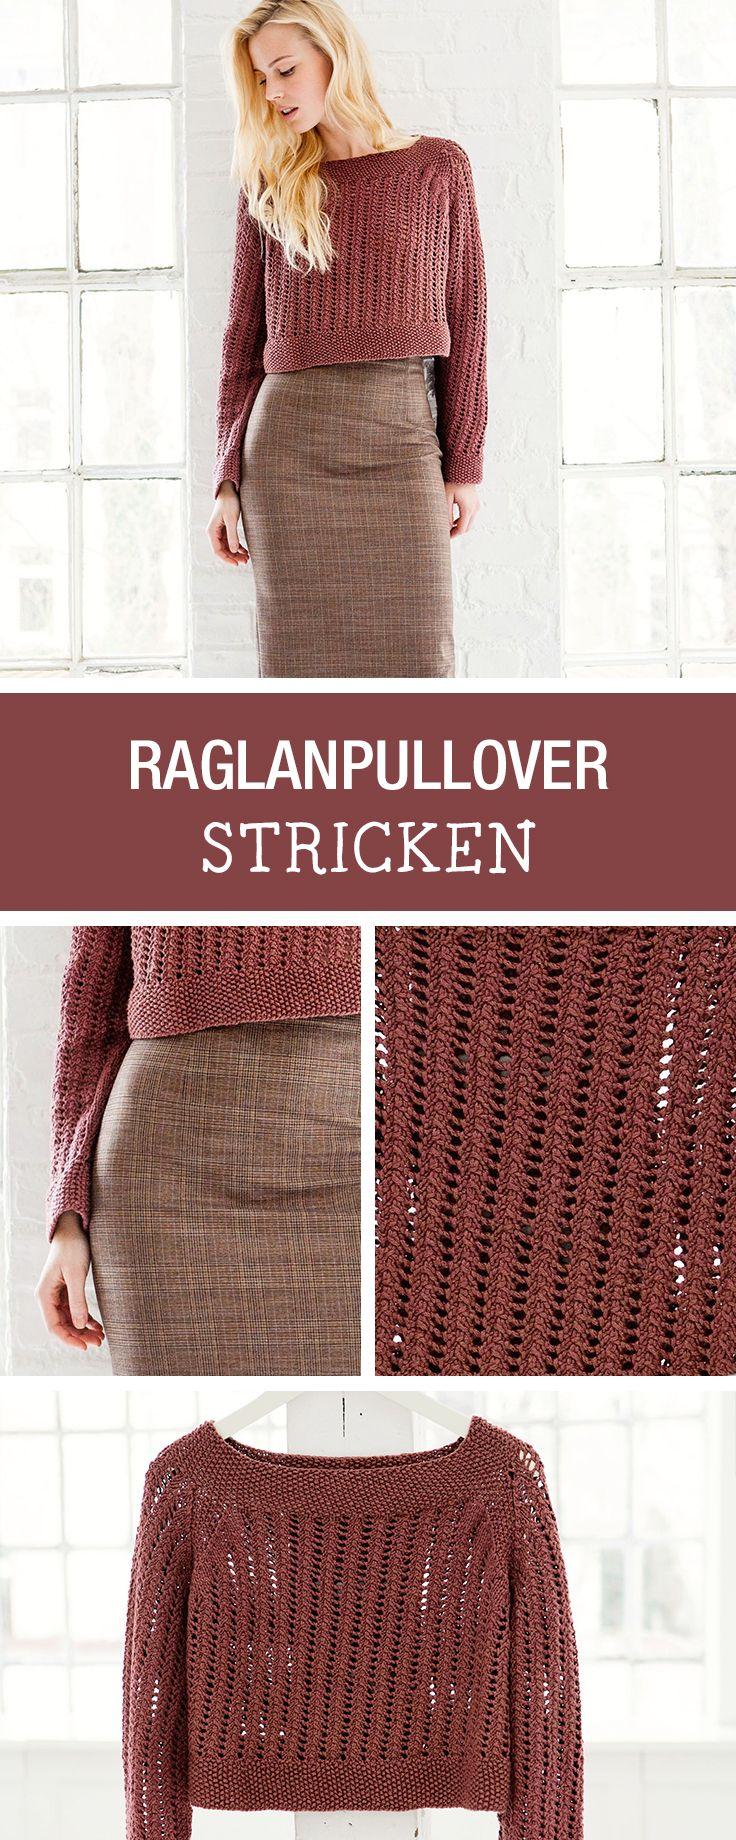 DIY-Anleitung: Lässigen Reglanpullover selbst stricken / DIY tutorial: knitting casual pullover yourself via DaWanda.com